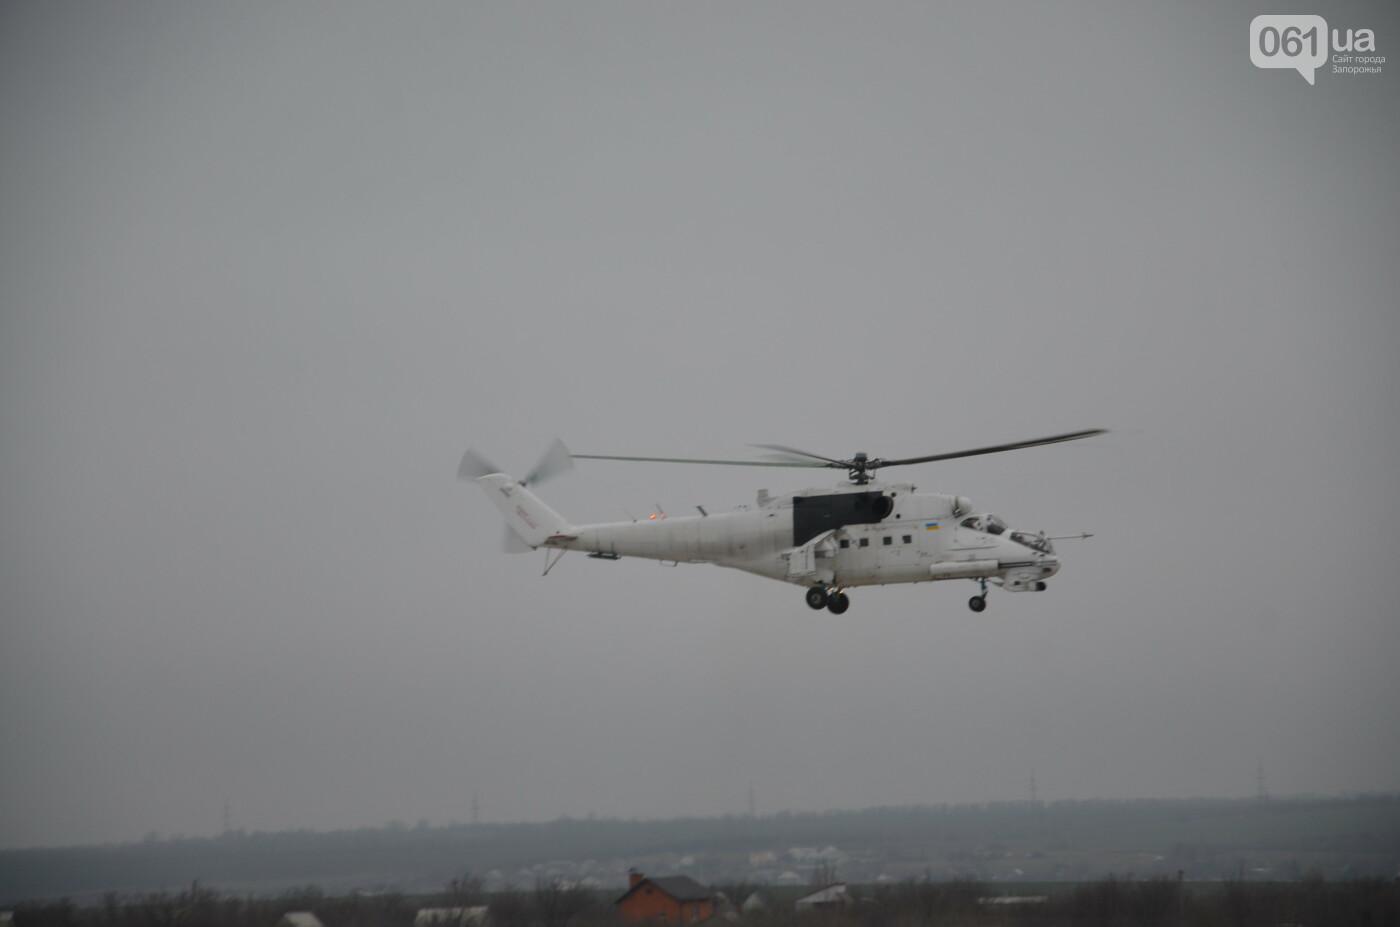 В Запорожье прошли первые испытания новых лопастей для военных вертолетов, - ФОТО, фото-13